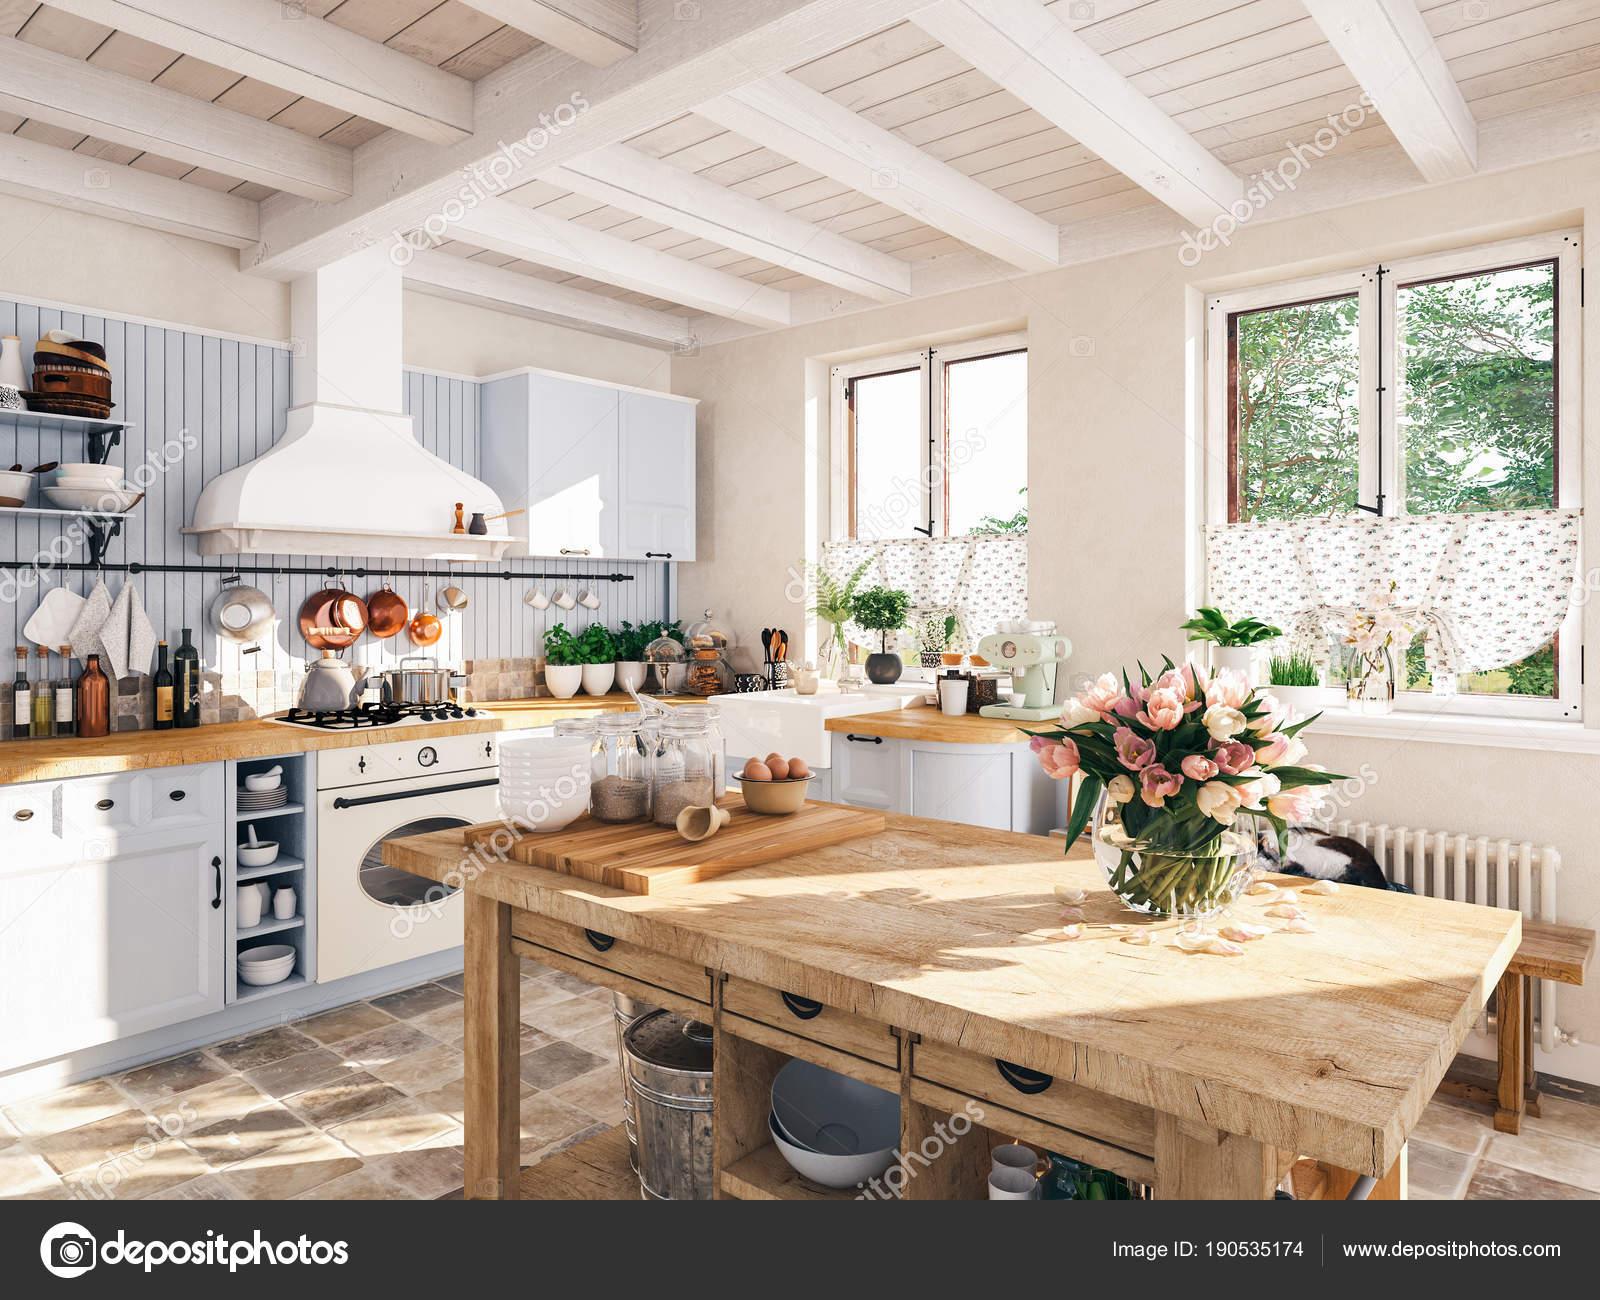 Unglaublich Retro Küche Das Beste Von Retro-küche In Einer Hütte Mit Schlafenden Katze